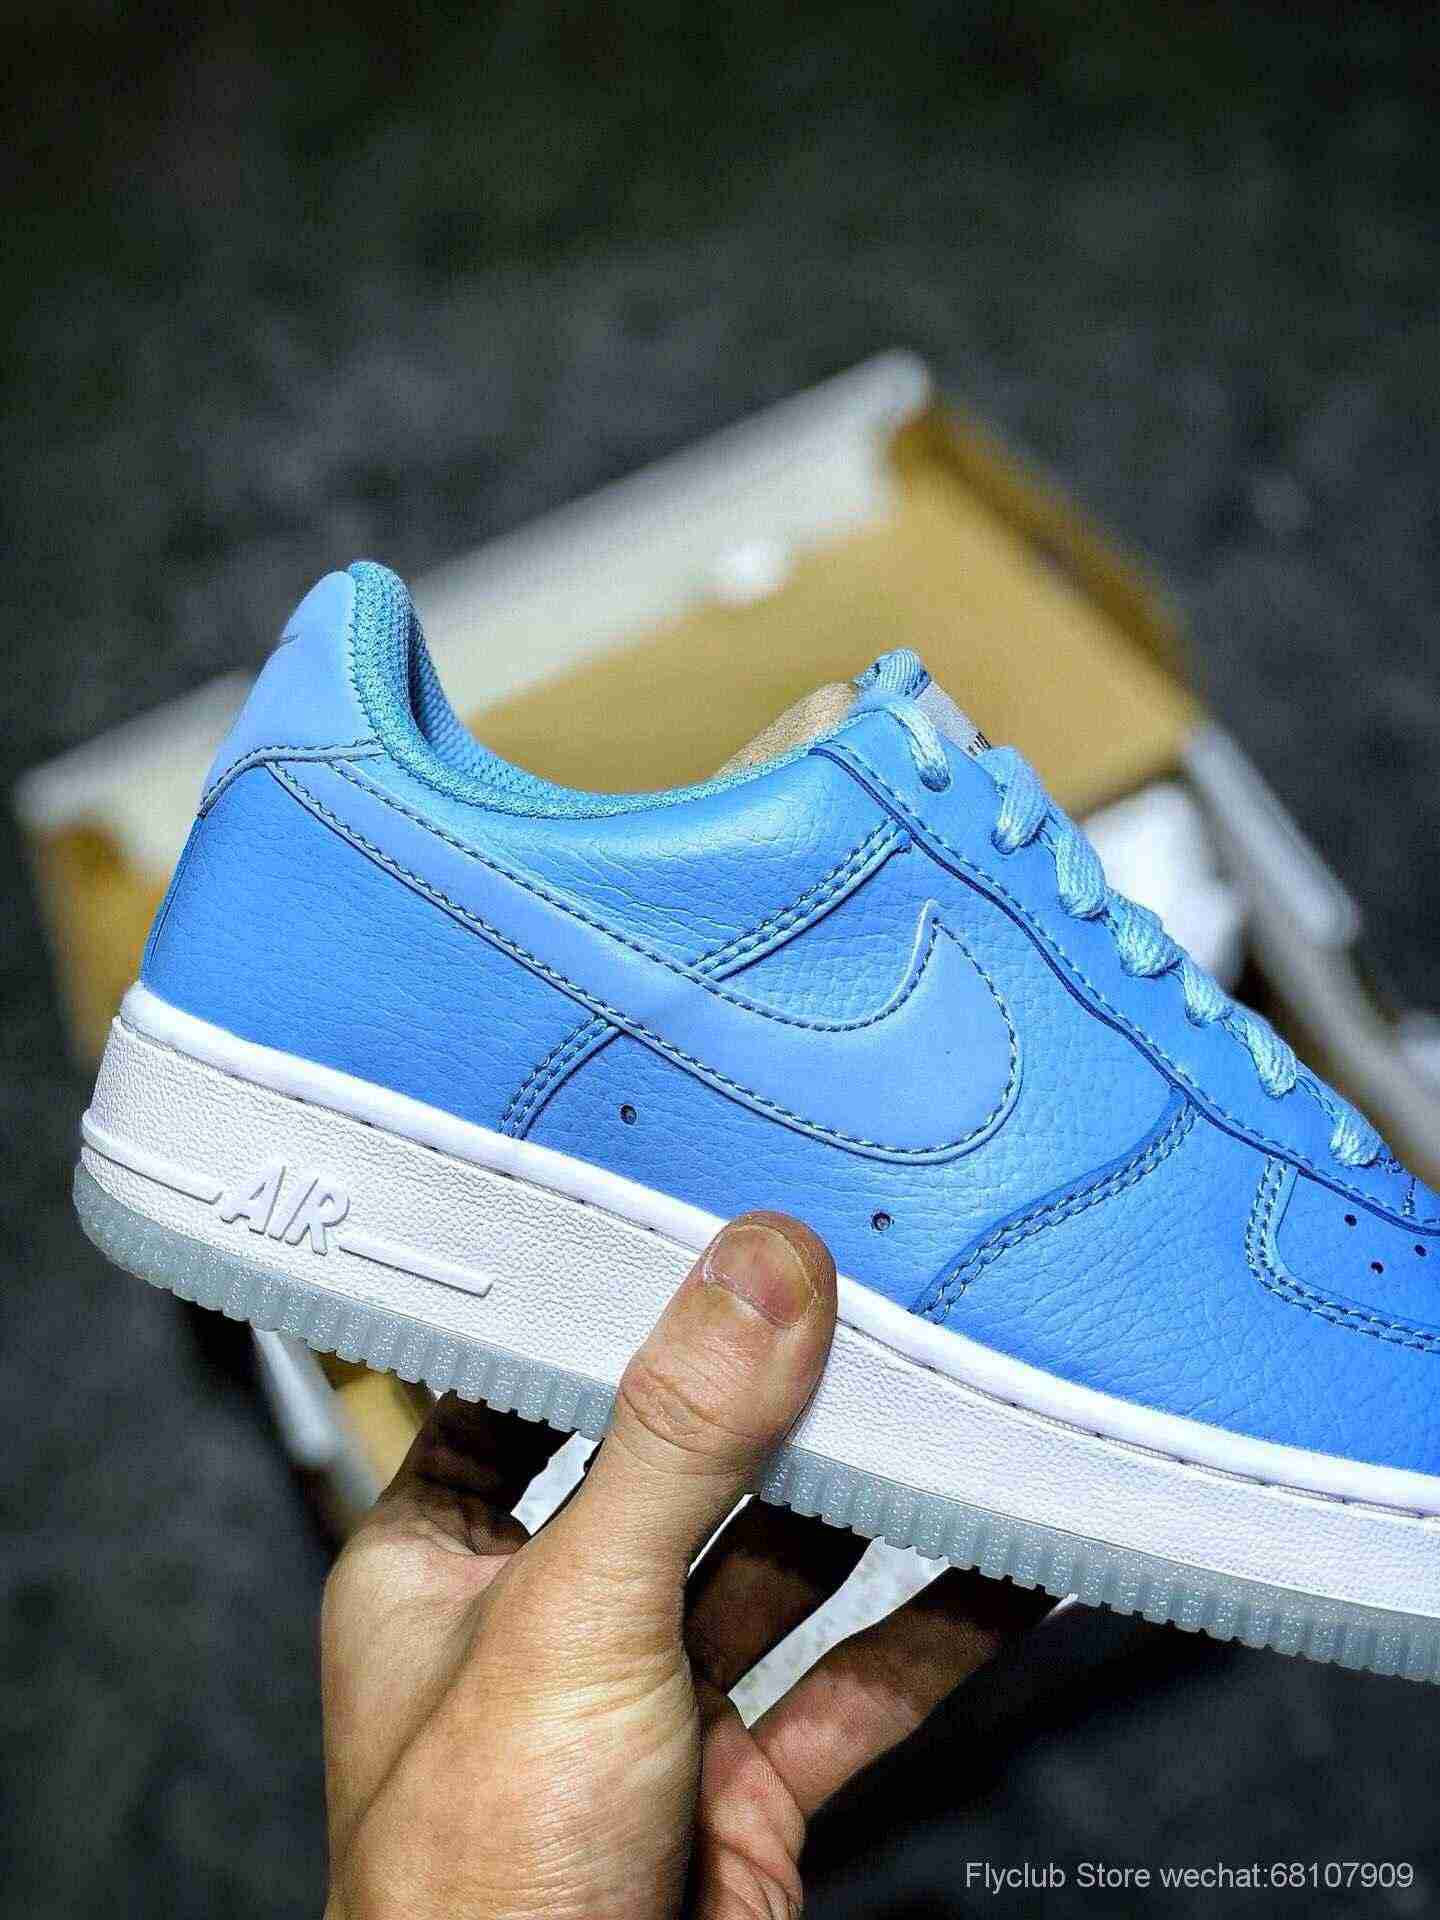 空军Air Force 1 3M反光 天蓝水晶底3M反光